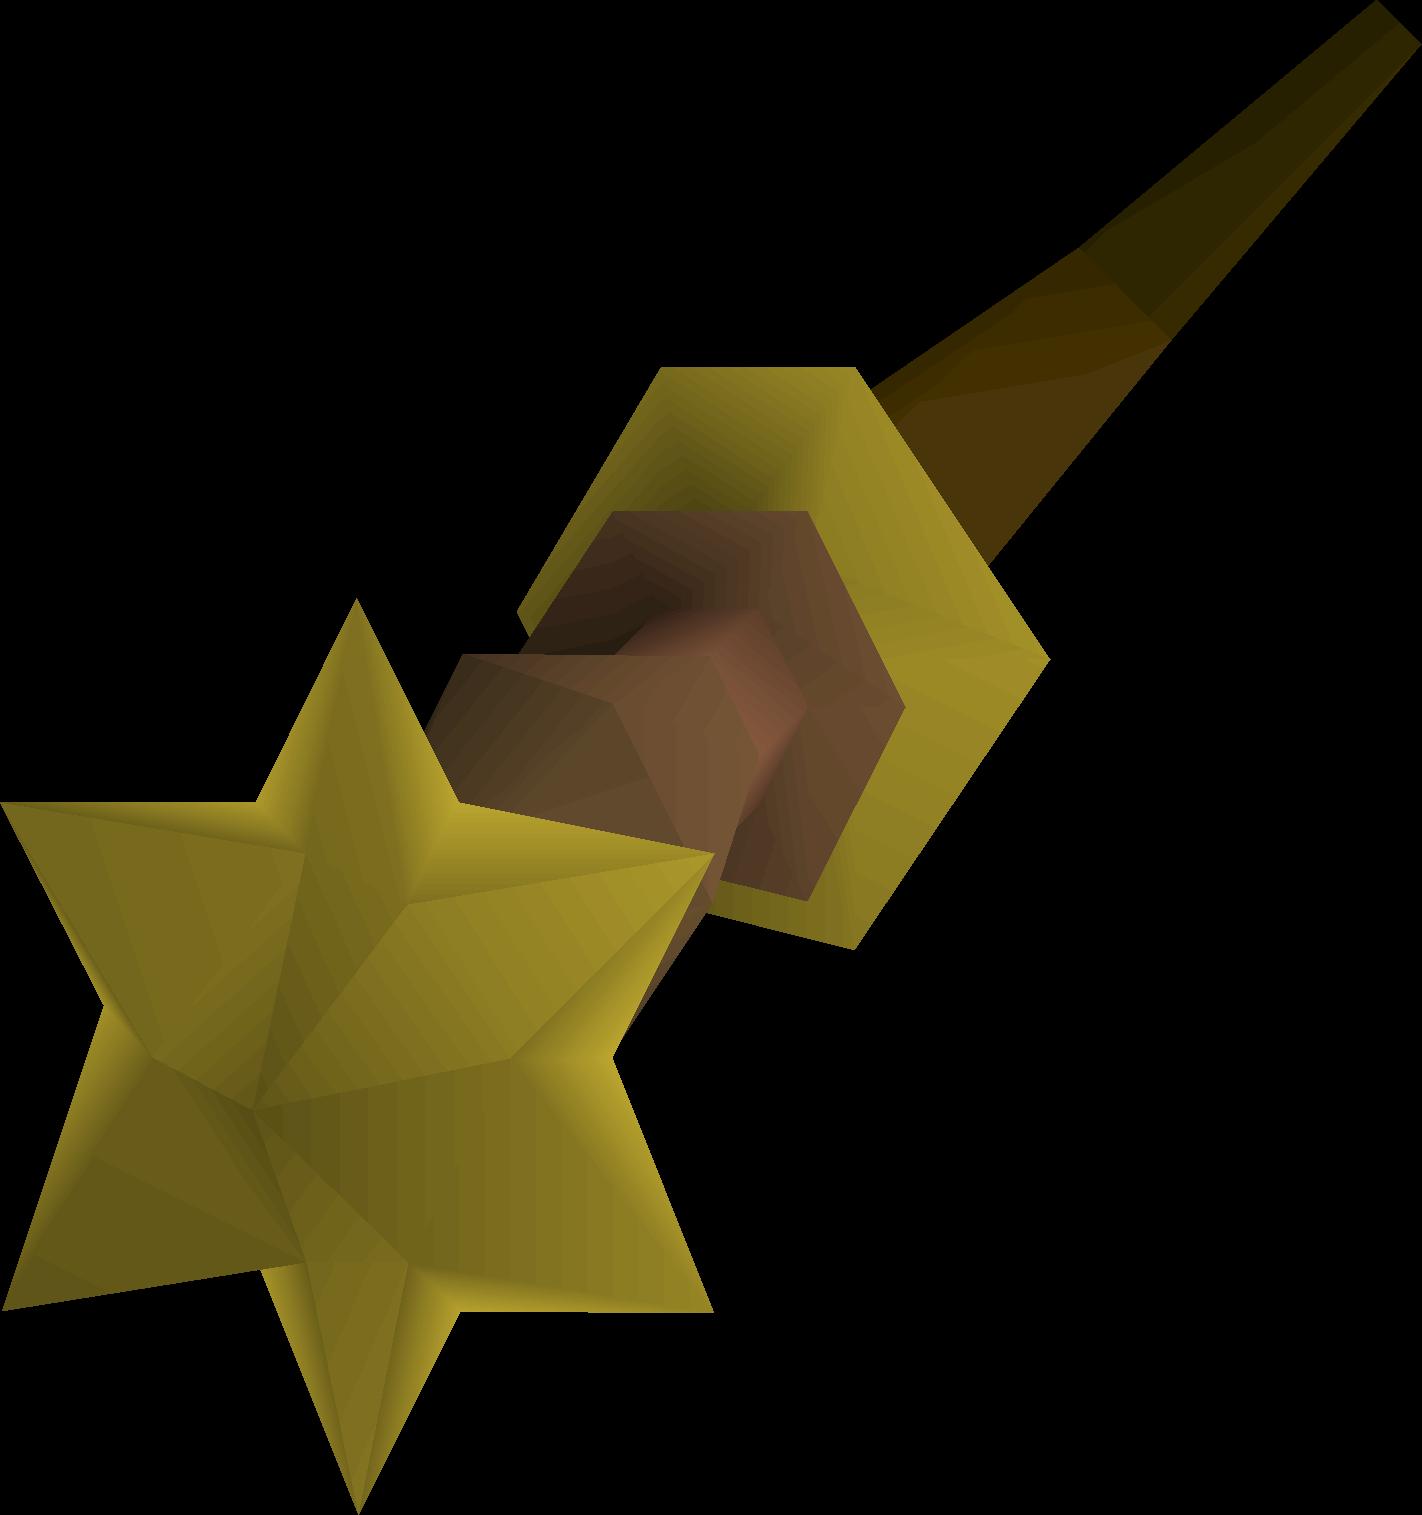 Master wand - OSRS Wiki